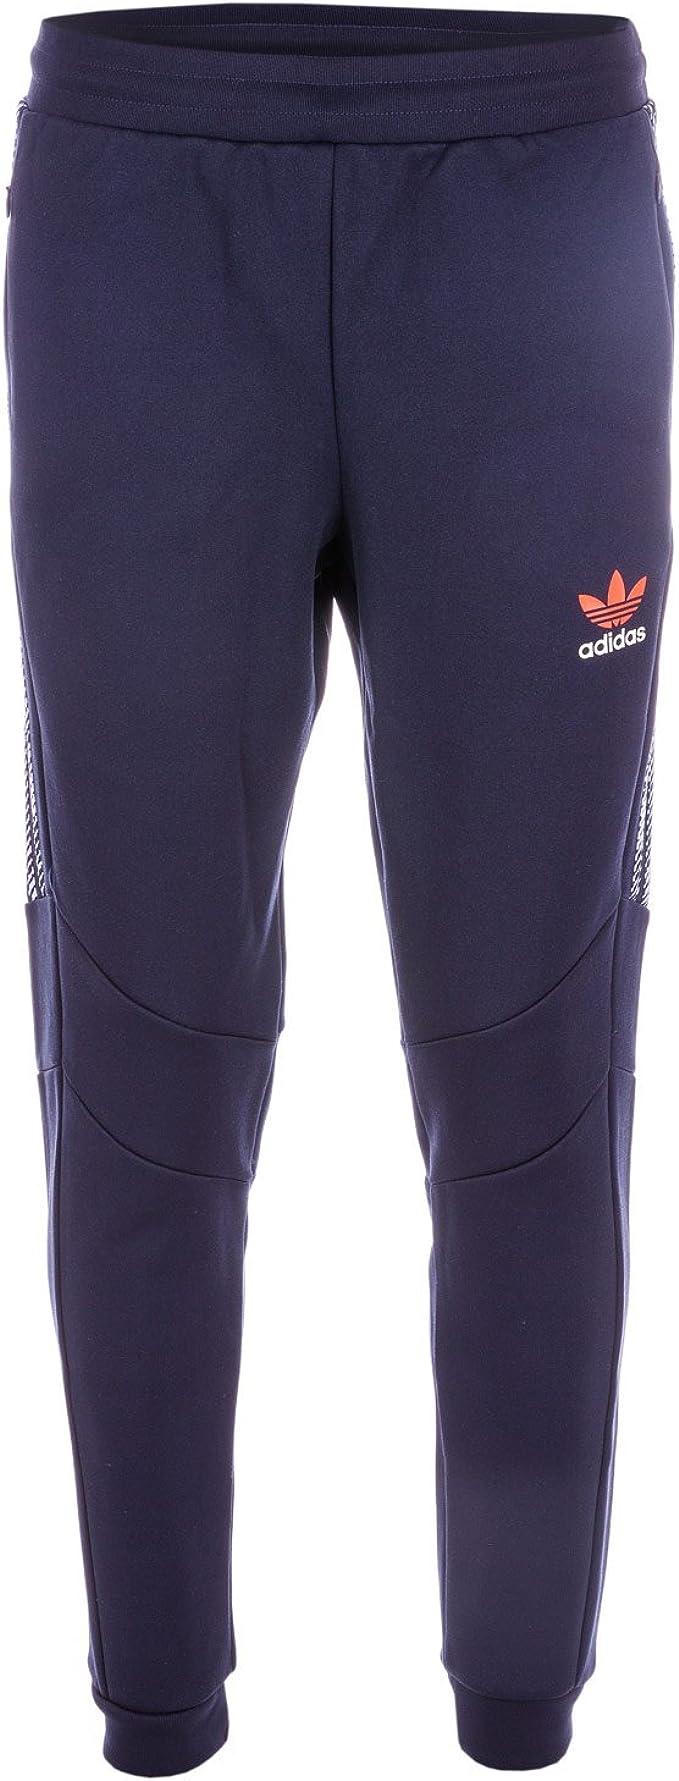 adidas Originals - Chándal - para Hombre Azul Azul S: Amazon.es ...